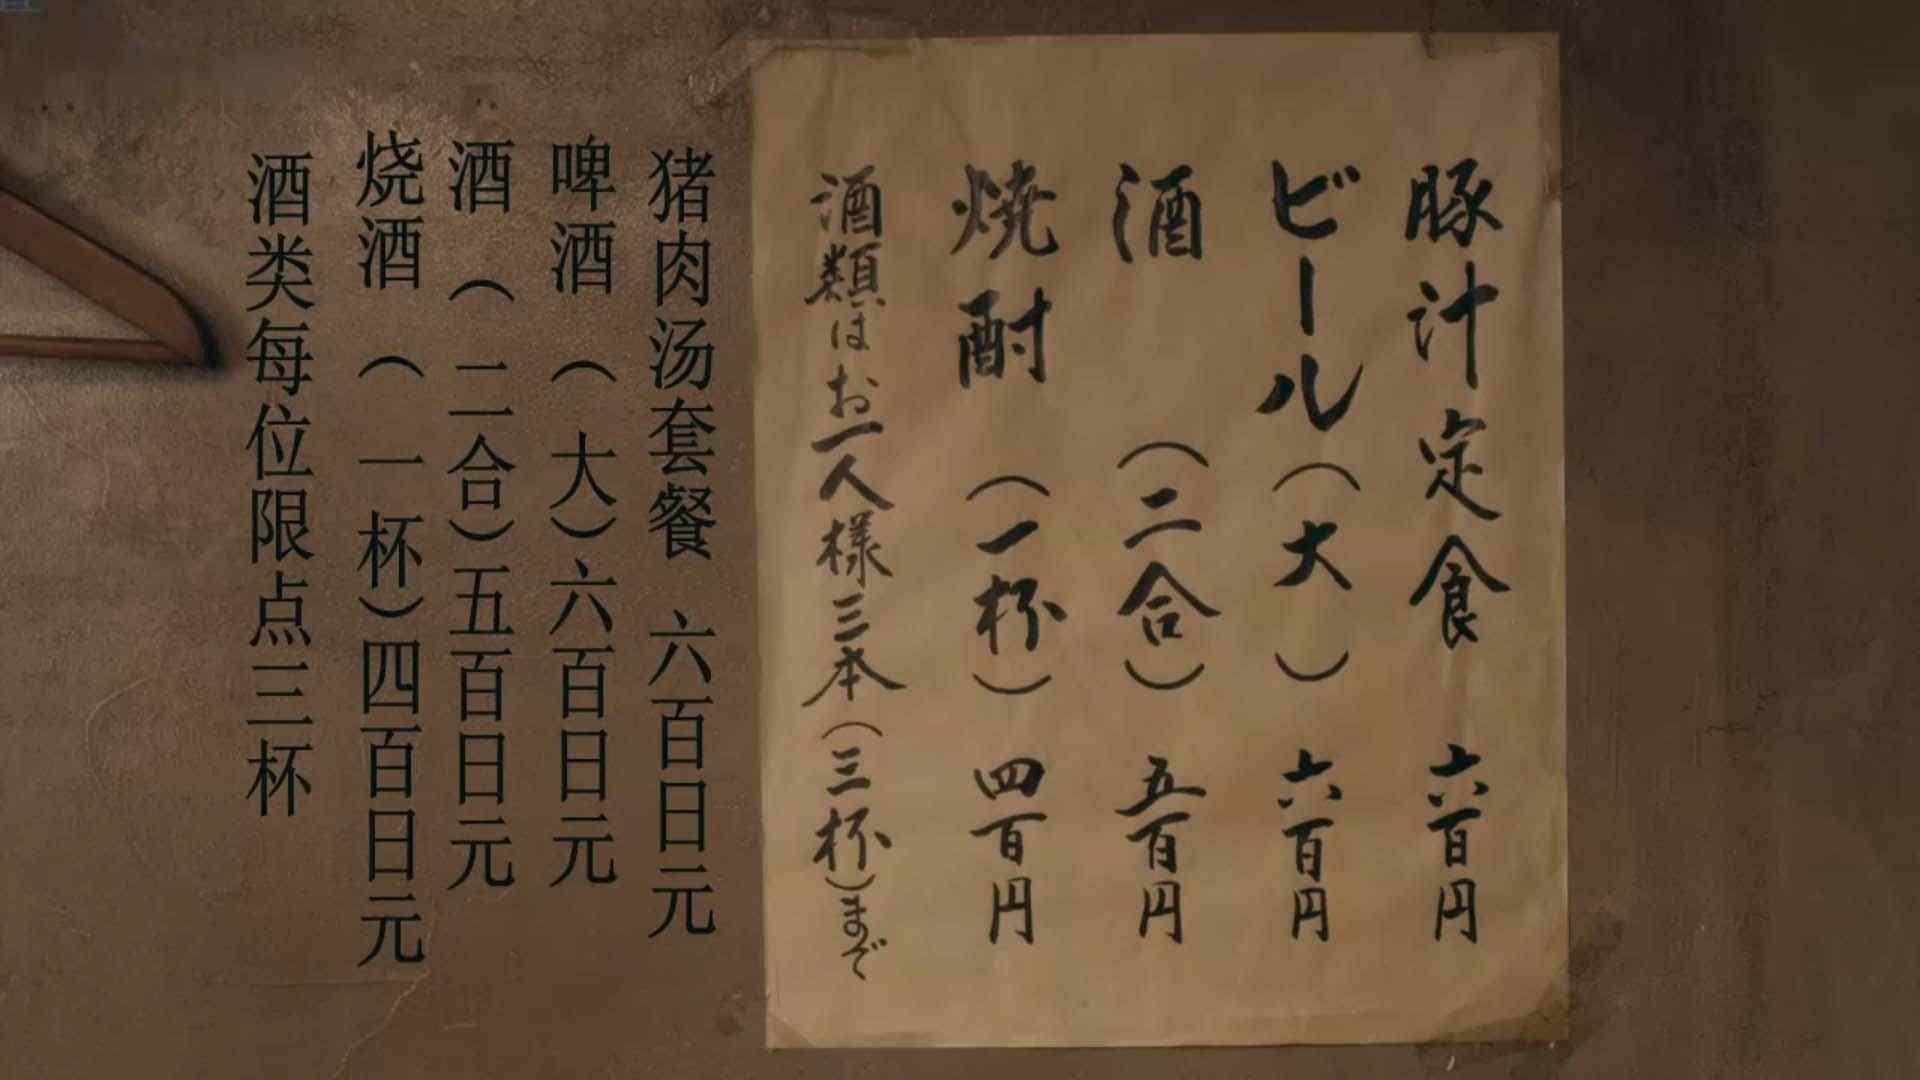 日版深夜食堂菜谱图片壁纸